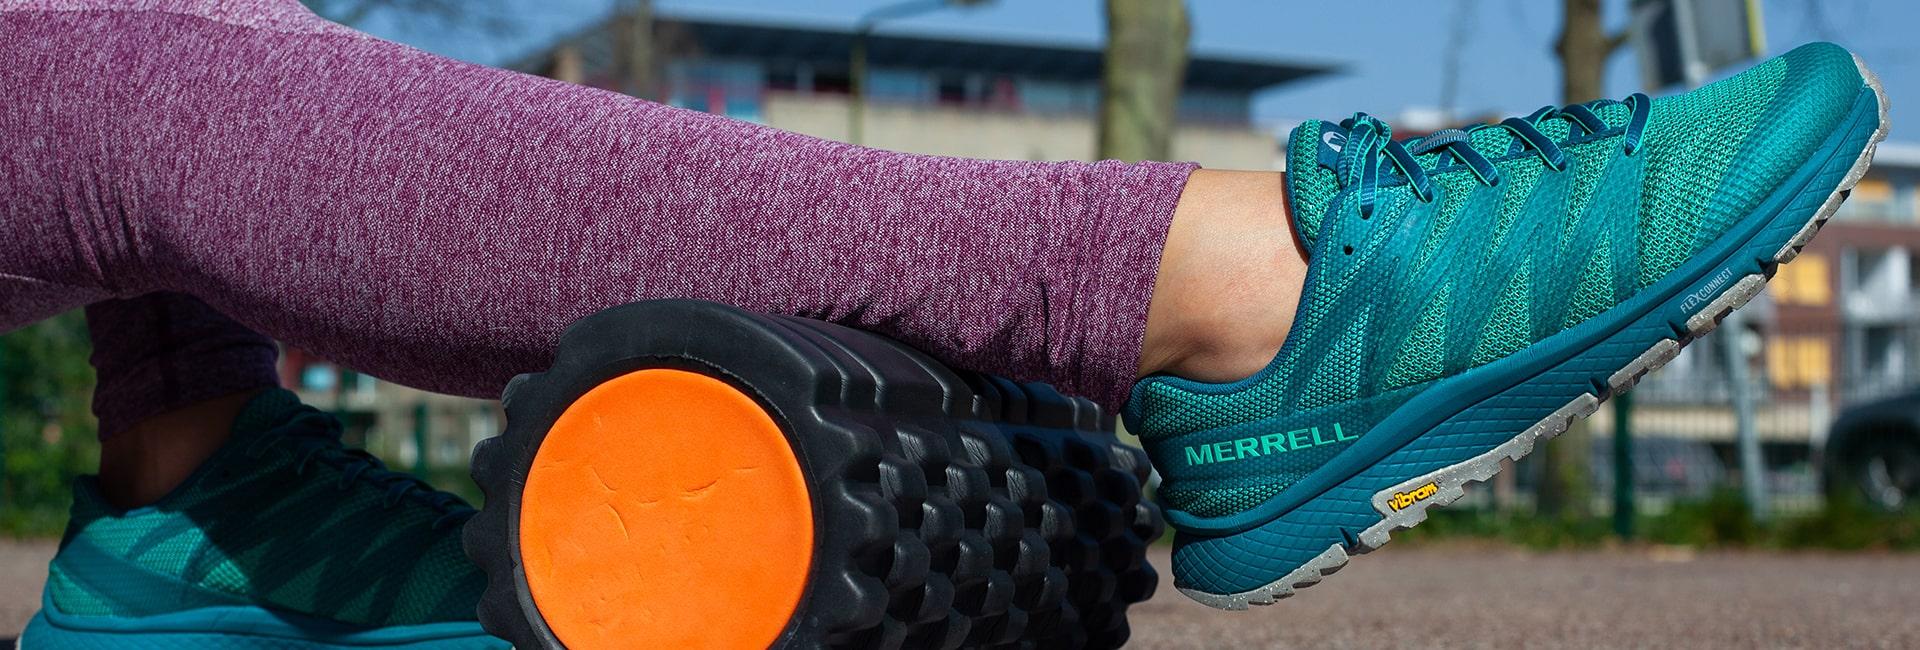 Merrell | Fitness